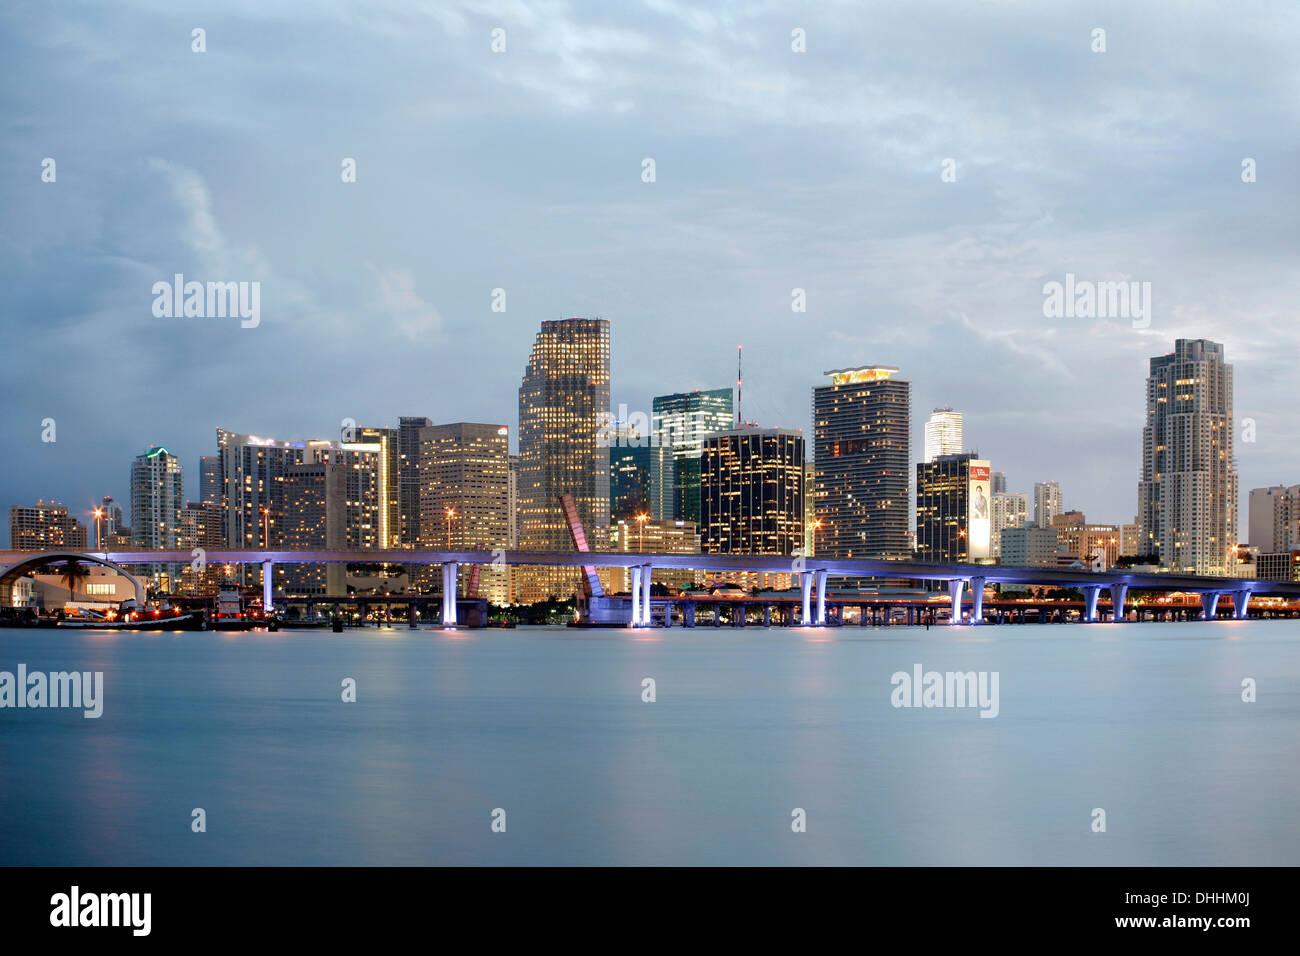 Skyline, Downtown, Miami, Miami-Dade County, Florida, United States - Stock Image